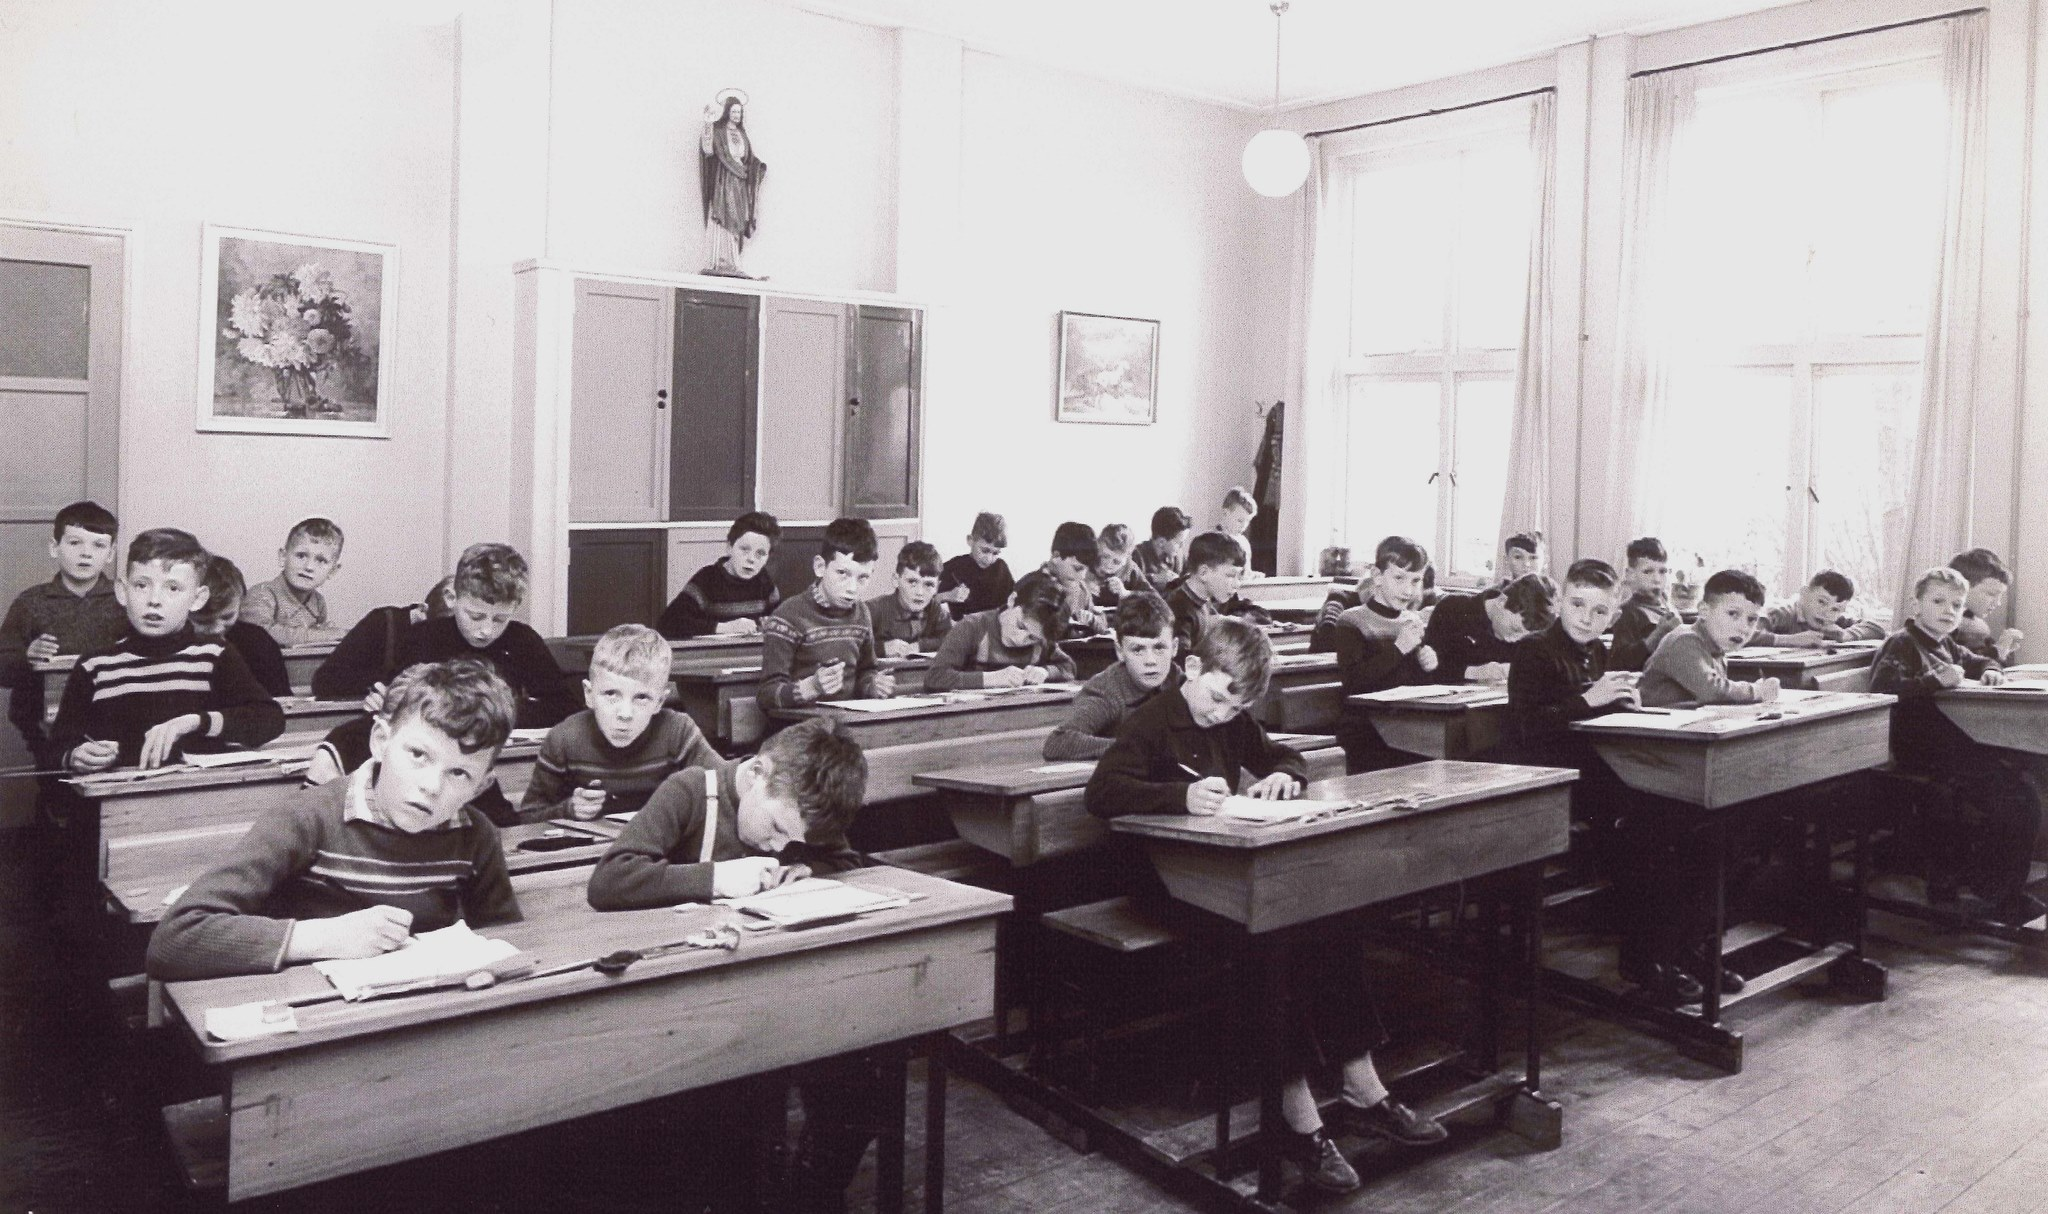 3e en 4e Klas jongensschool 1961